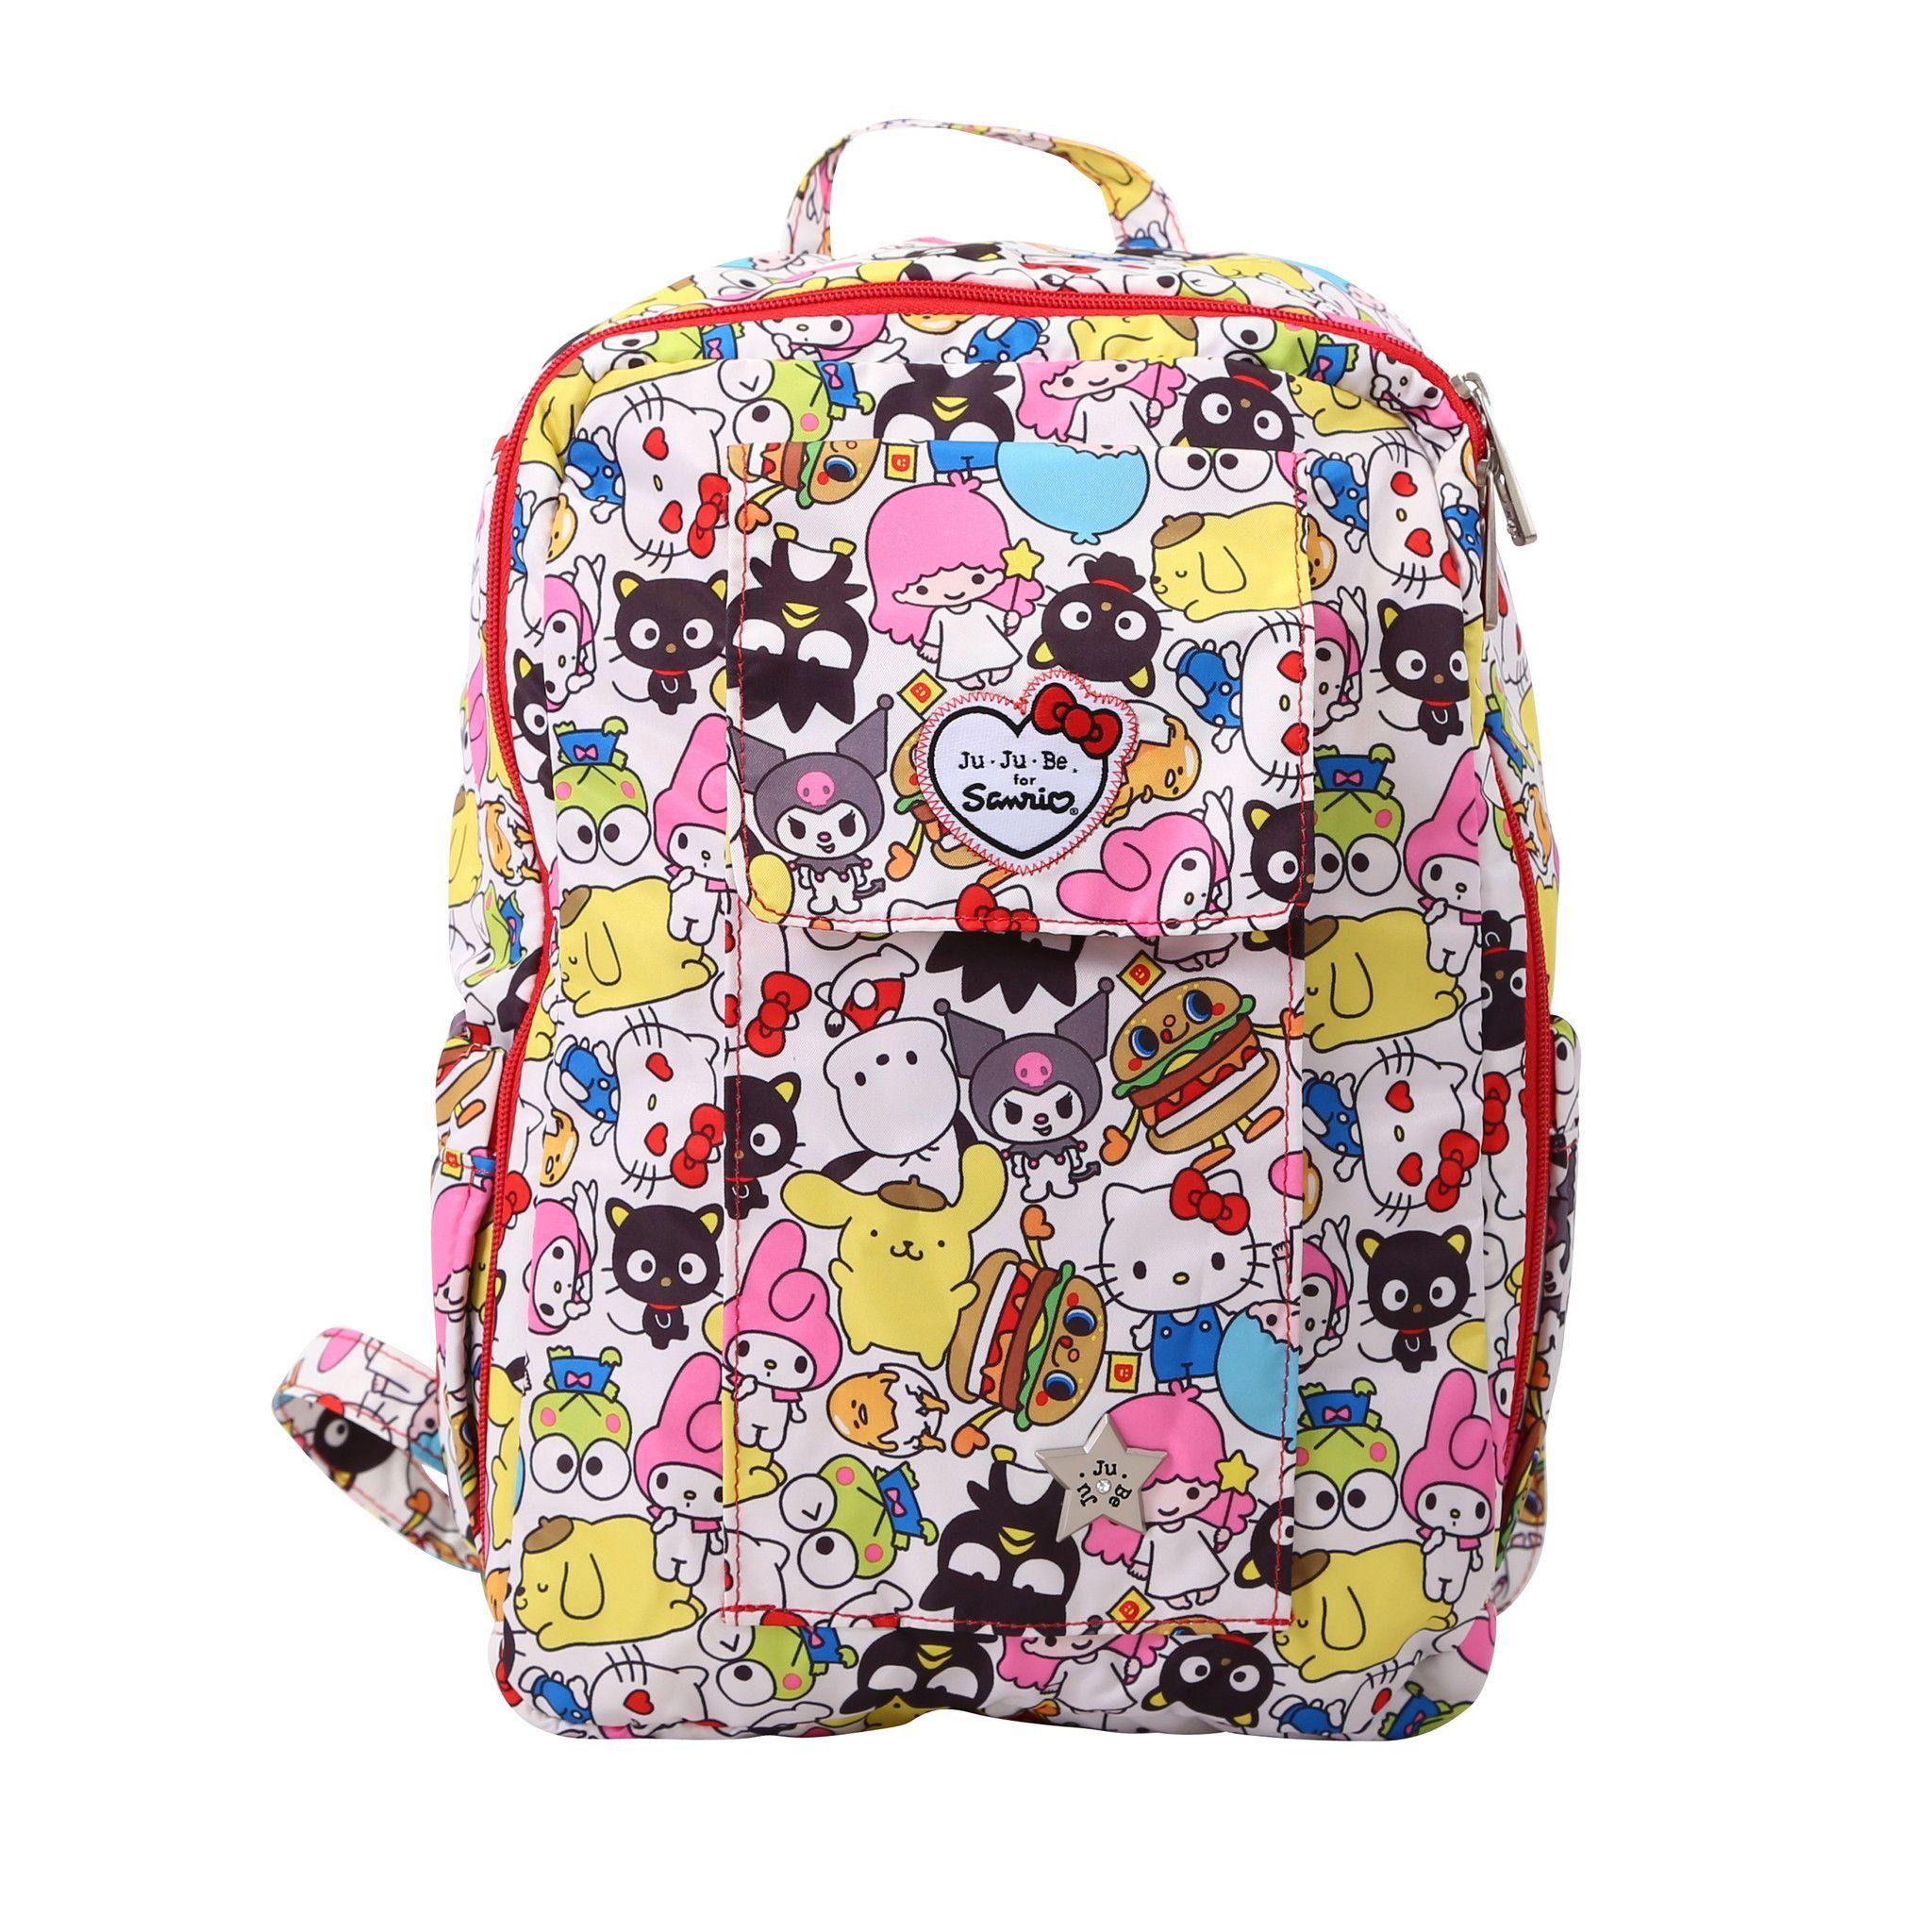 Ju-Ju-Be Hello Kitty Collection - MiniBe - Hello Sanrio  c765f7da00931